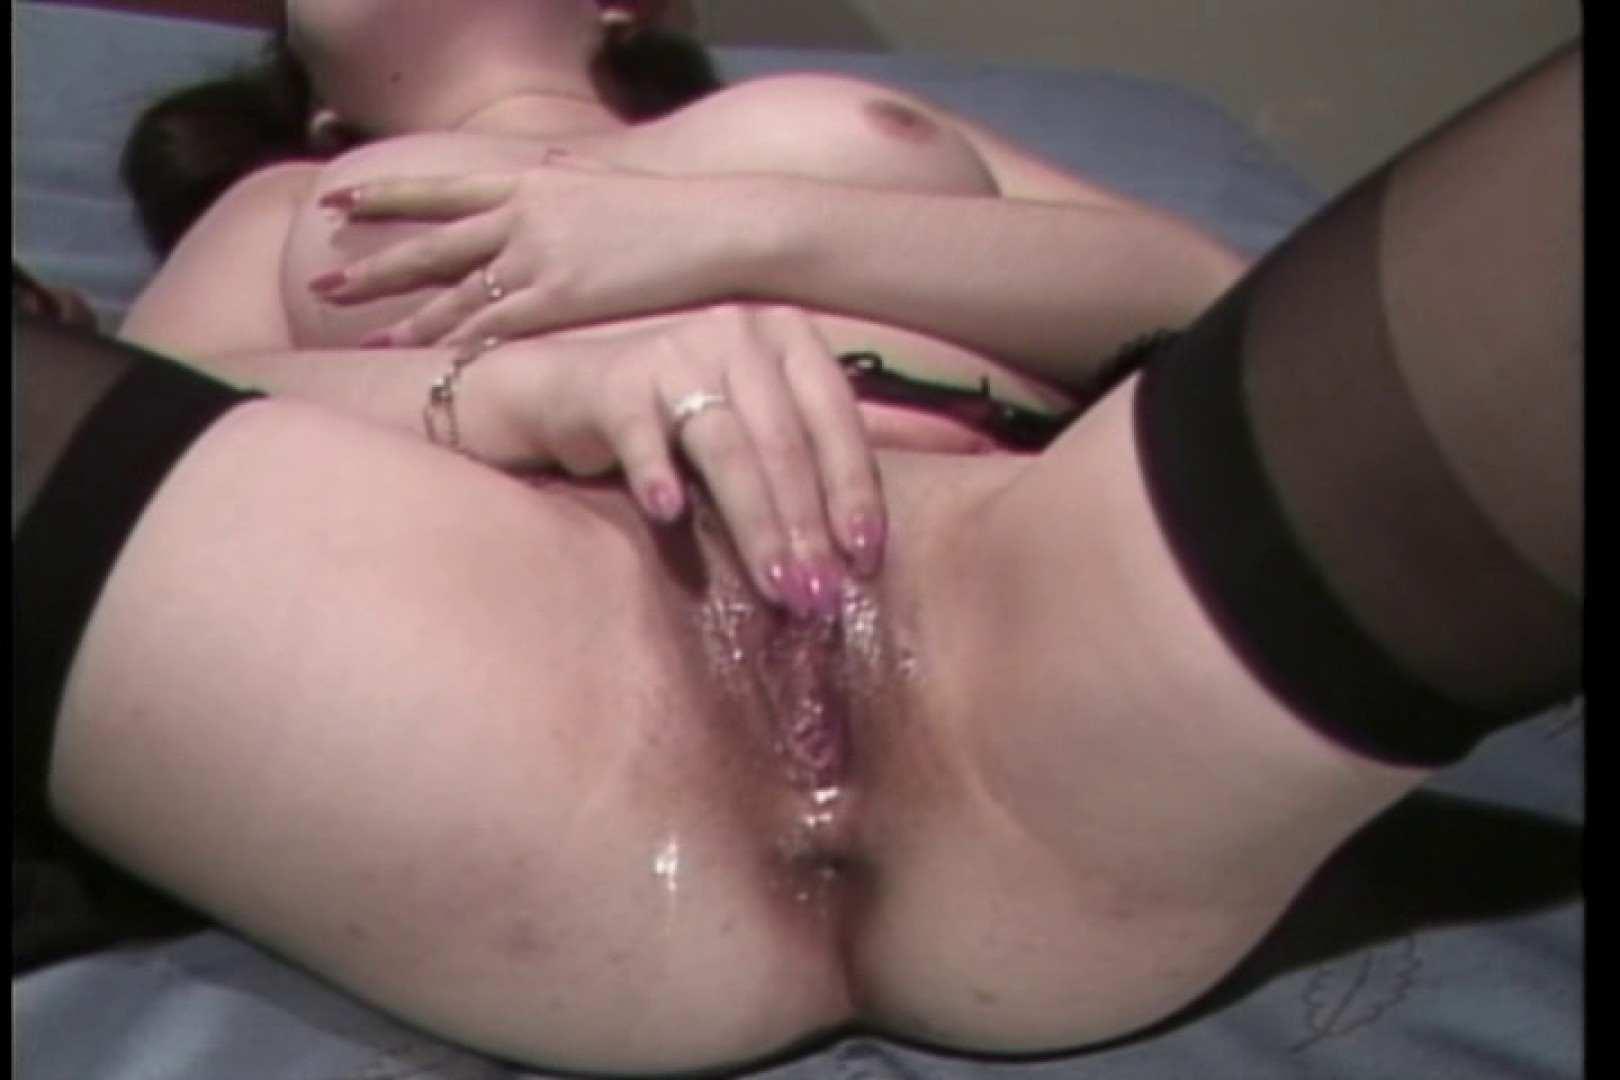 変態亜美のアブノーマルな世界・前編~夢野亜美~ バイブ   オナニーし放題  21pic 16